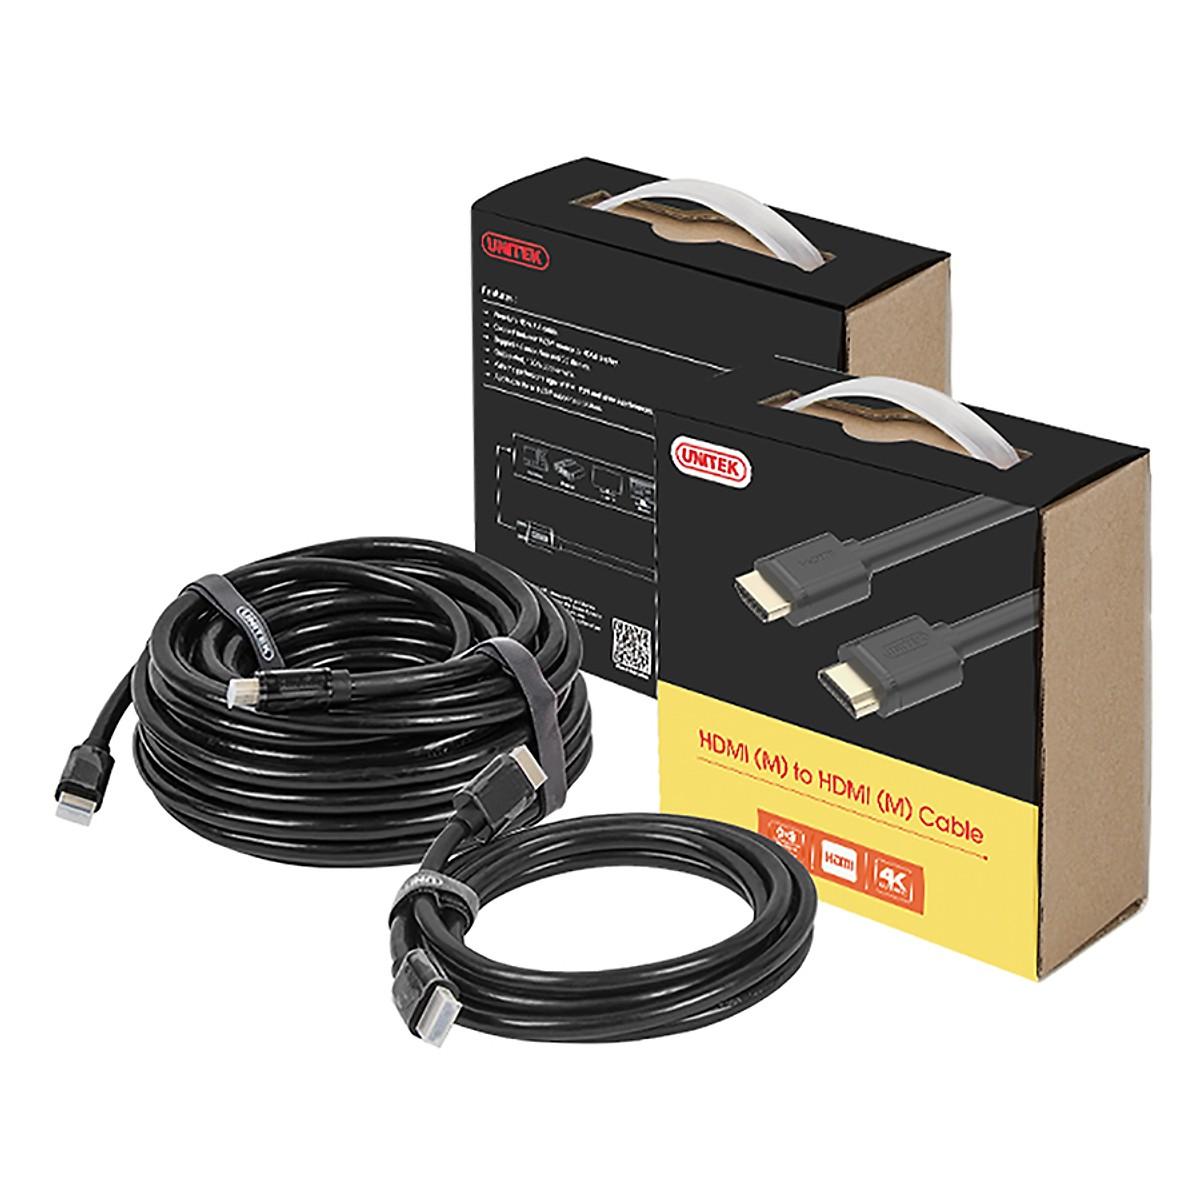 Dây cáp HDMI Unitek 10m Full HD - Hàng Chính hãng (Tặng kèm tai nghe điện thoại)